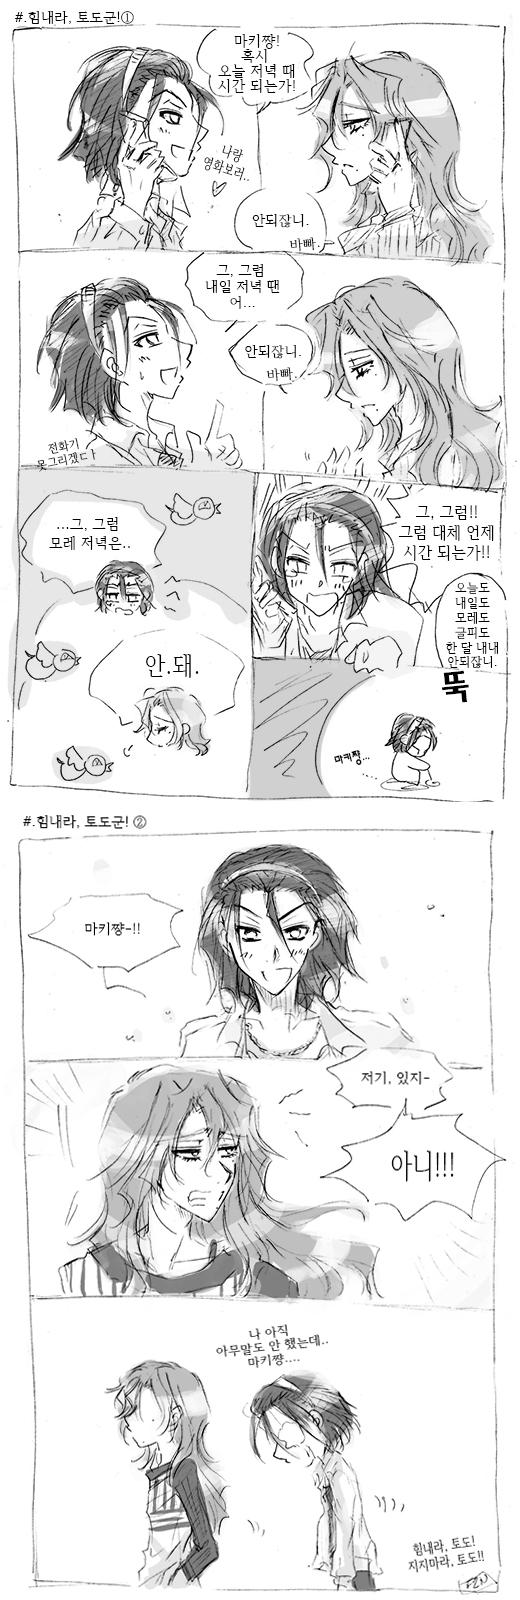 ★[토도마키] 힘내라, 토도 군!